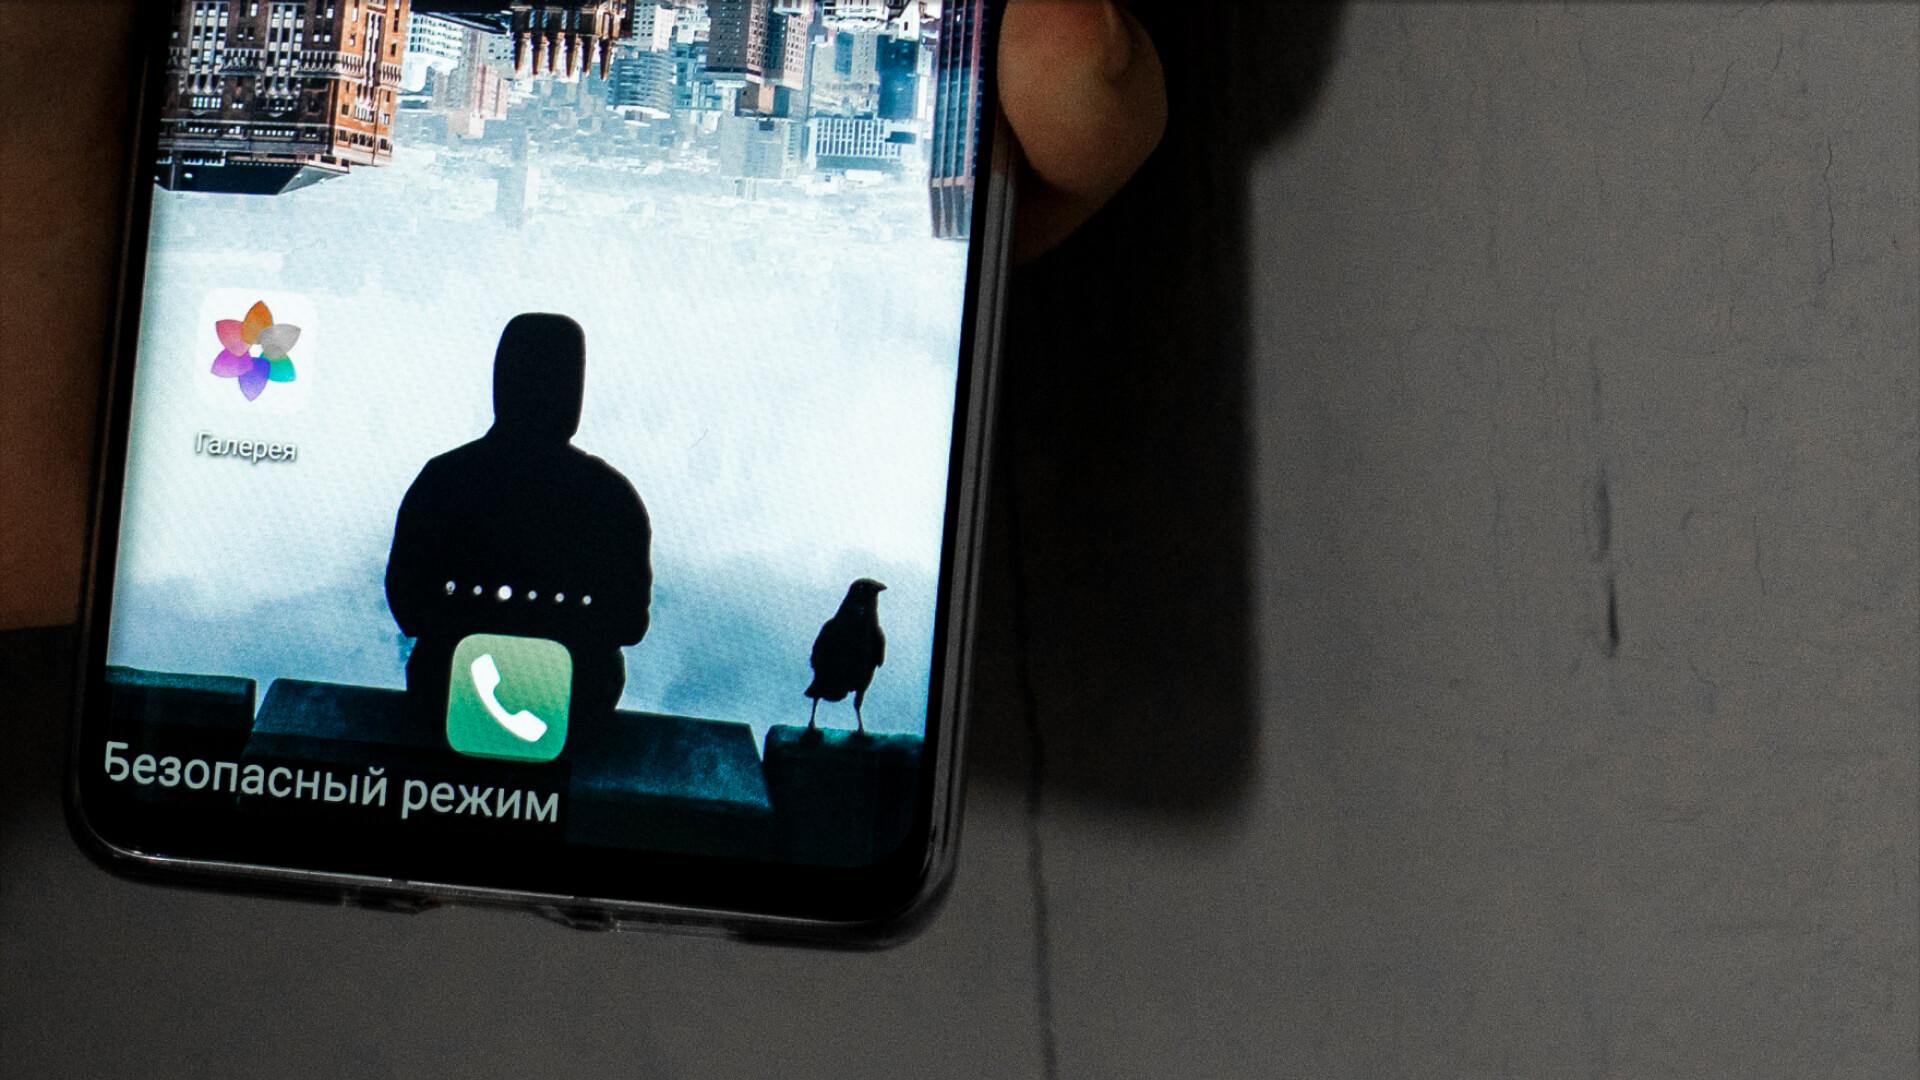 Как выйти из безопасного режима на Huawei